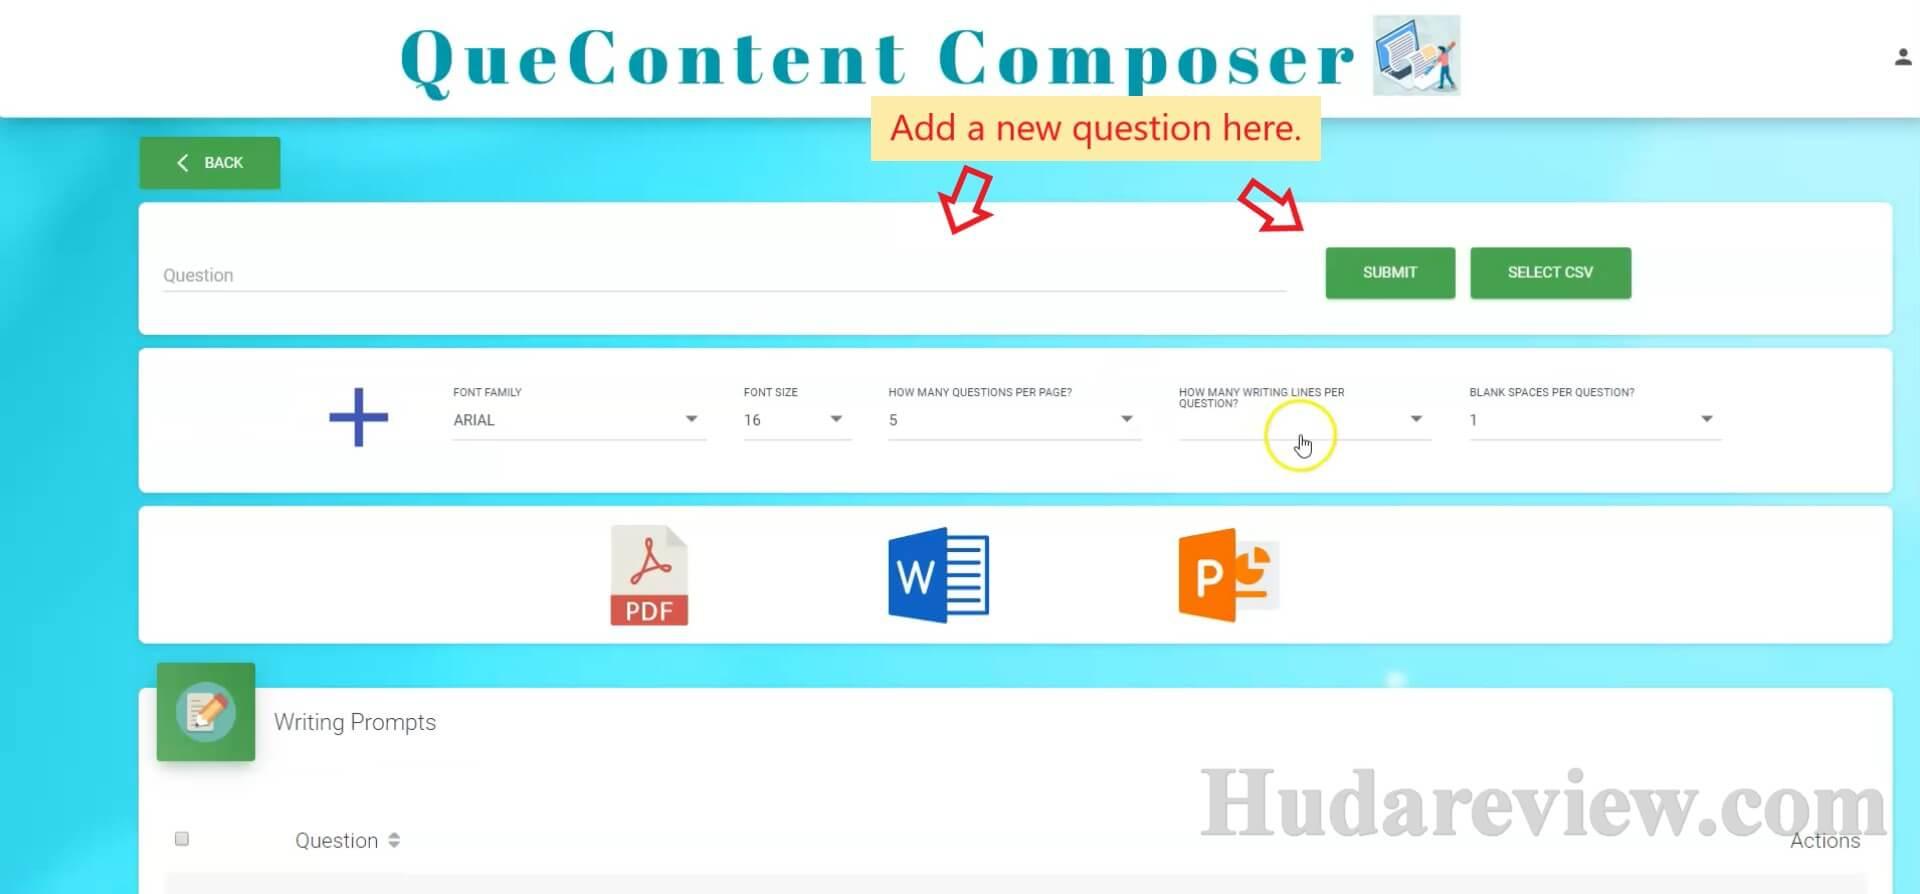 QueContent-Composer-Step-2-2